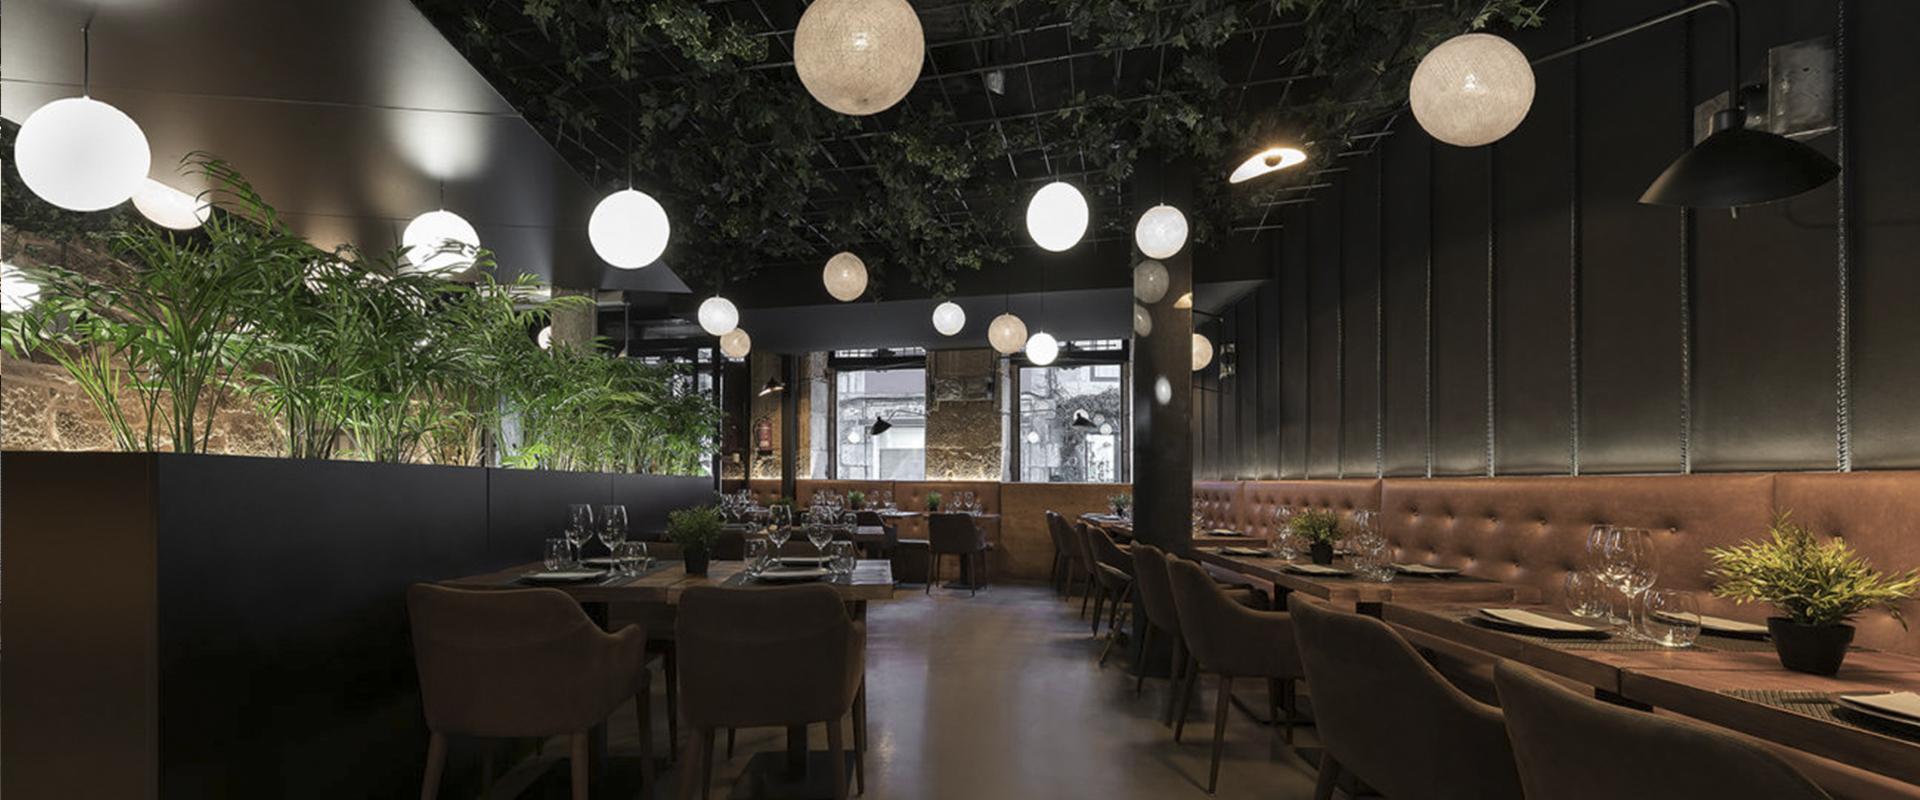 Diseño de restaurantes II: crear identidad